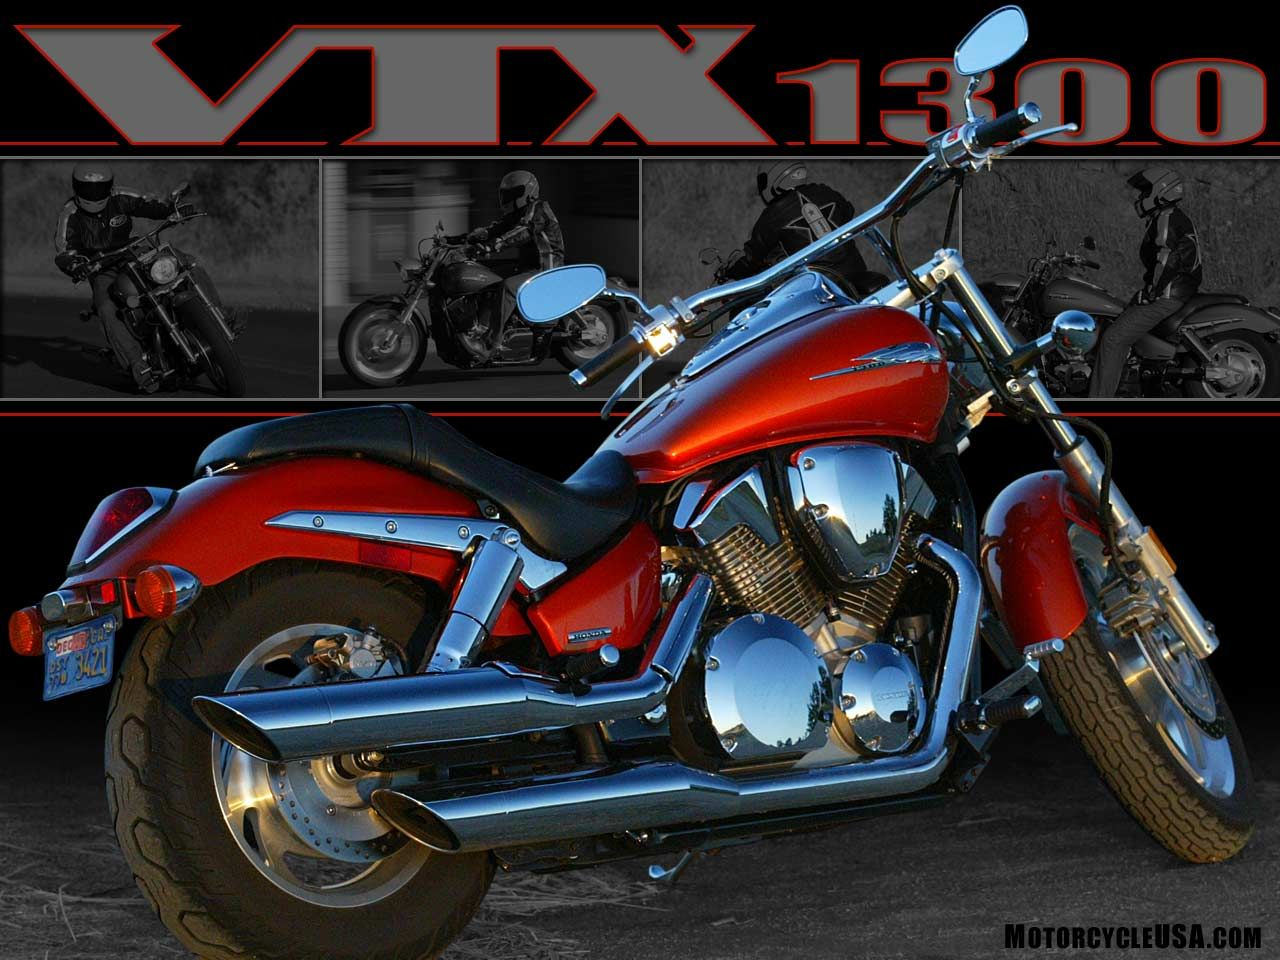 Honda vtx 1300 масло #9